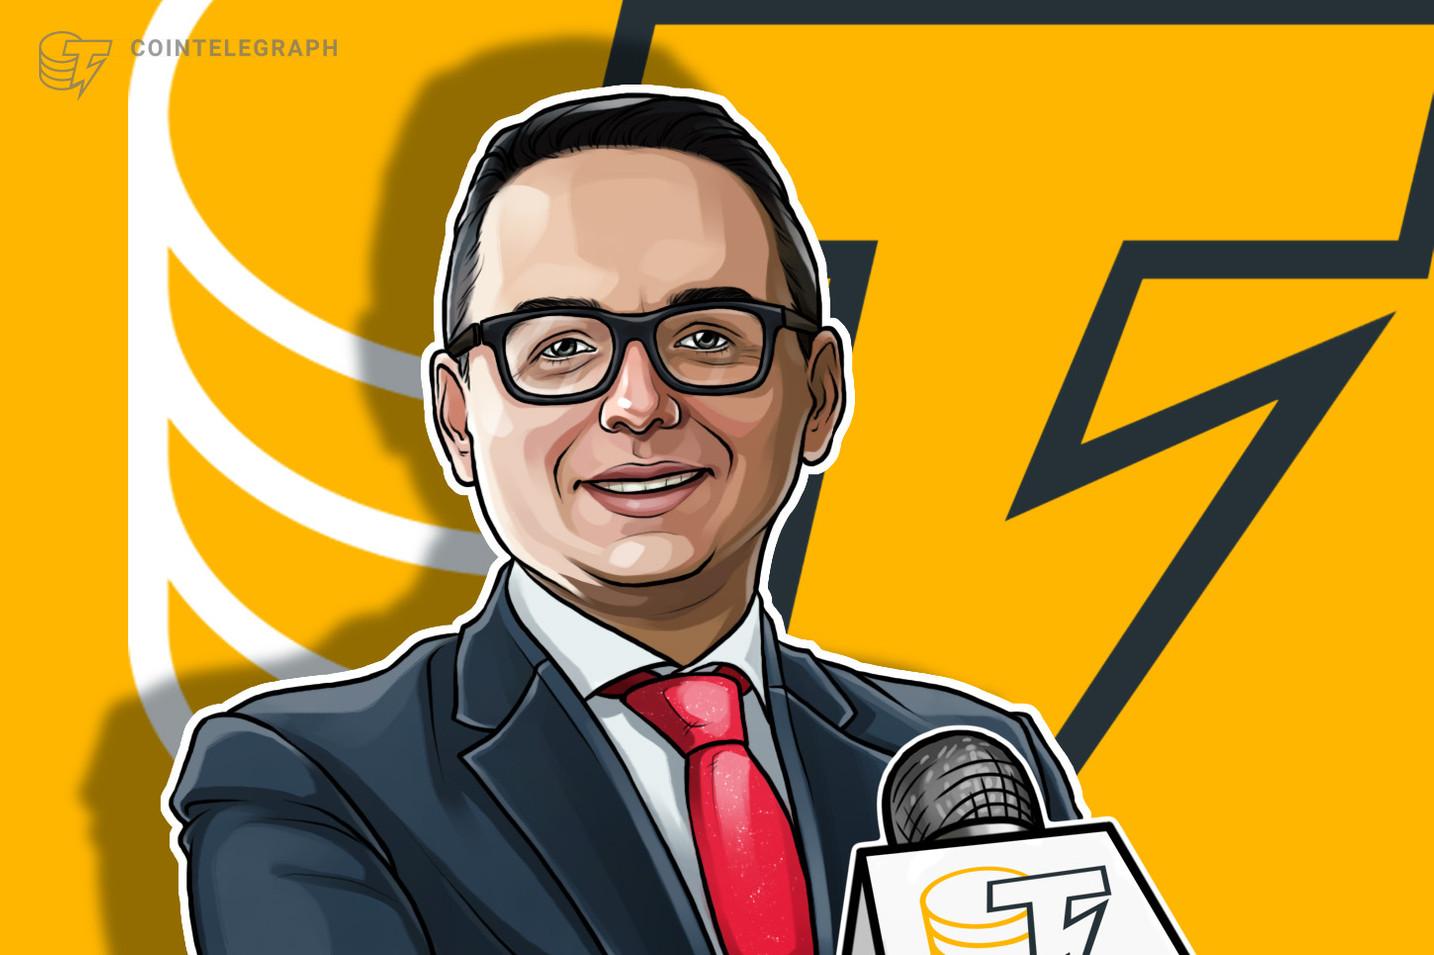 """Presidente de Colombia Fintech: """"Las Fintech han revolucionado el mundo con el financiamiento alternativo"""""""